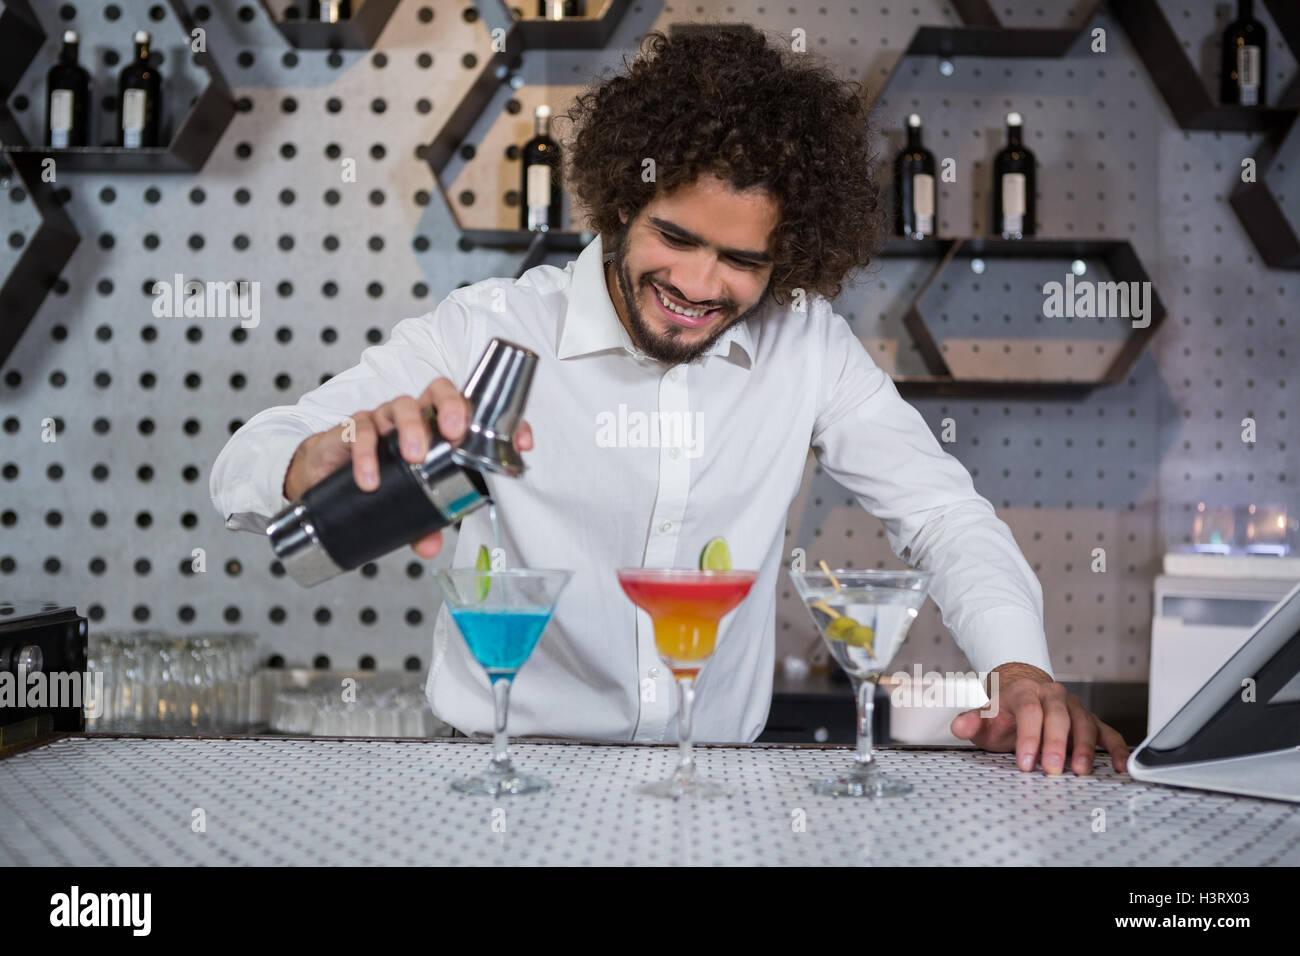 Barman, verter en vasos de cóctel Imagen De Stock